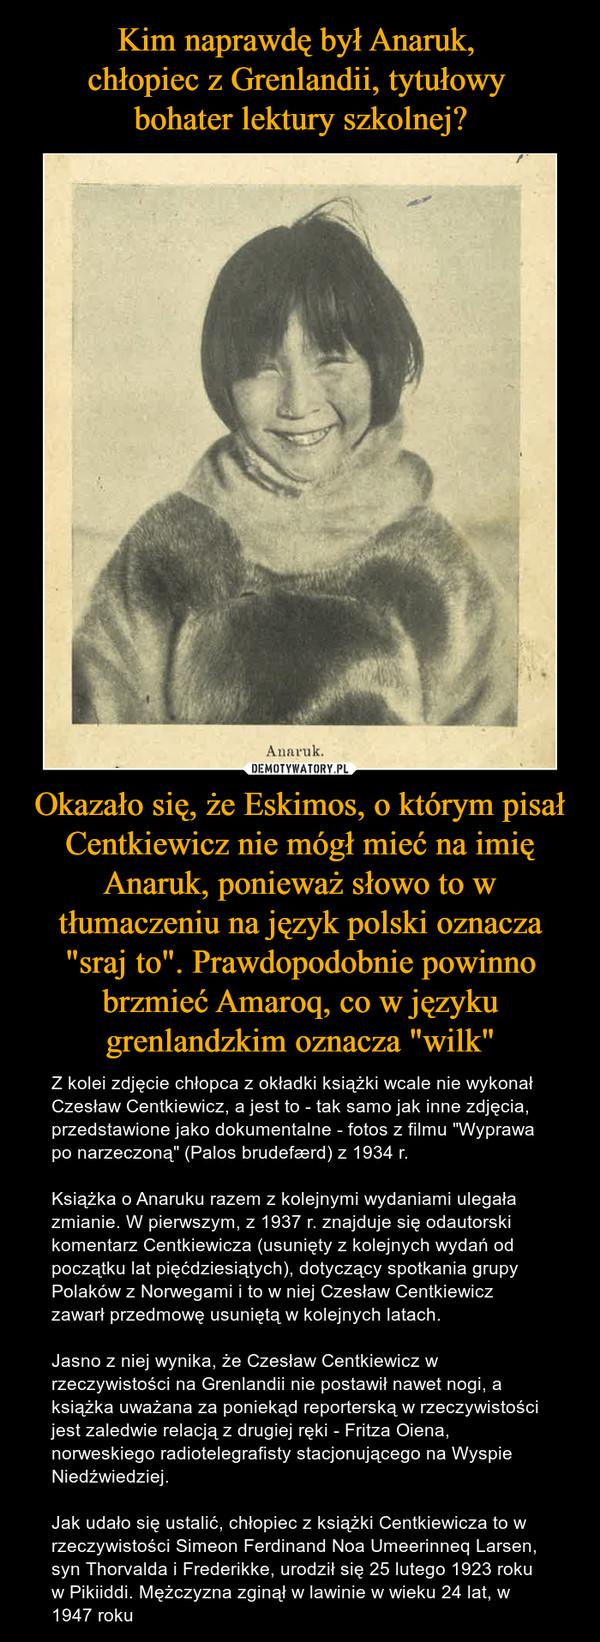 """Okazało się, że Eskimos, o którym pisał Centkiewicz nie mógł mieć na imię Anaruk, ponieważ słowo to w tłumaczeniu na język polski oznacza """"sraj to"""". Prawdopodobnie powinno brzmieć Amaroq, co w języku grenlandzkim oznacza """"wilk"""" – Z kolei zdjęcie chłopca z okładki książki wcale nie wykonał Czesław Centkiewicz, a jest to - tak samo jak inne zdjęcia, przedstawione jako dokumentalne - fotos z filmu """"Wyprawa po narzeczoną"""" (Palos brudefærd) z 1934 r.Książka o Anaruku razem z kolejnymi wydaniami ulegała zmianie. W pierwszym, z 1937 r. znajduje się odautorski komentarz Centkiewicza (usunięty z kolejnych wydań od początku lat pięćdziesiątych), dotyczący spotkania grupy Polaków z Norwegami i to w niej Czesław Centkiewicz zawarł przedmowę usuniętą w kolejnych latach.Jasno z niej wynika, że Czesław Centkiewicz w rzeczywistości na Grenlandii nie postawił nawet nogi, a książka uważana za poniekąd reporterską w rzeczywistości jest zaledwie relacją z drugiej ręki - Fritza Oiena, norweskiego radiotelegrafisty stacjonującego na Wyspie Niedźwiedziej.Jak udało się ustalić, chłopiec z książki Centkiewicza to w rzeczywistości Simeon Ferdinand Noa Umeerinneq Larsen, syn Thorvalda i Frederikke, urodził się 25 lutego 1923 roku w Pikiiddi. Mężczyzna zginął w lawinie w wieku 24 lat, w 1947 roku"""